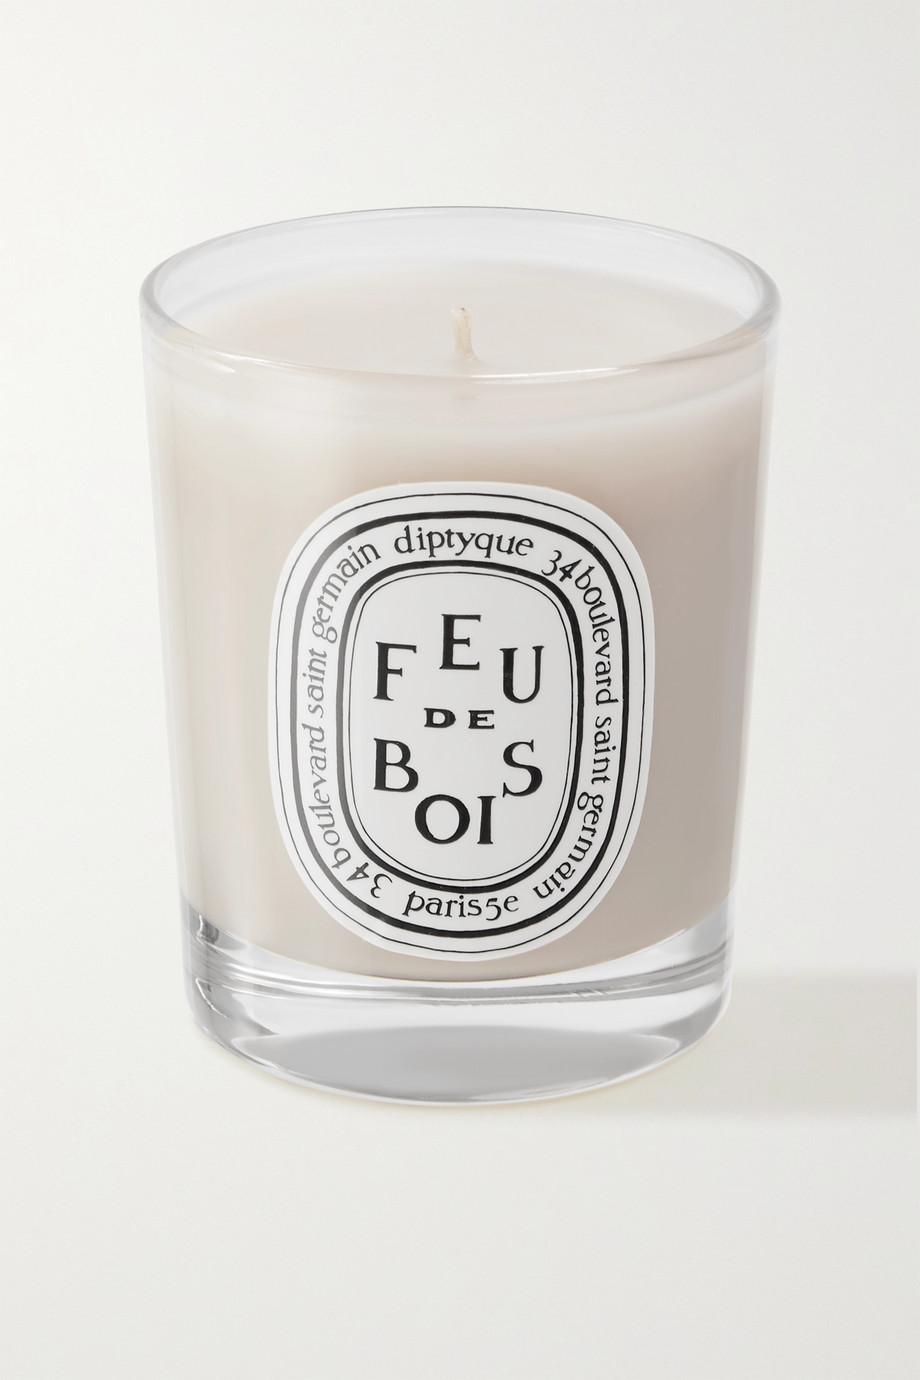 Diptyque Feu de Bois scented candle, 70g